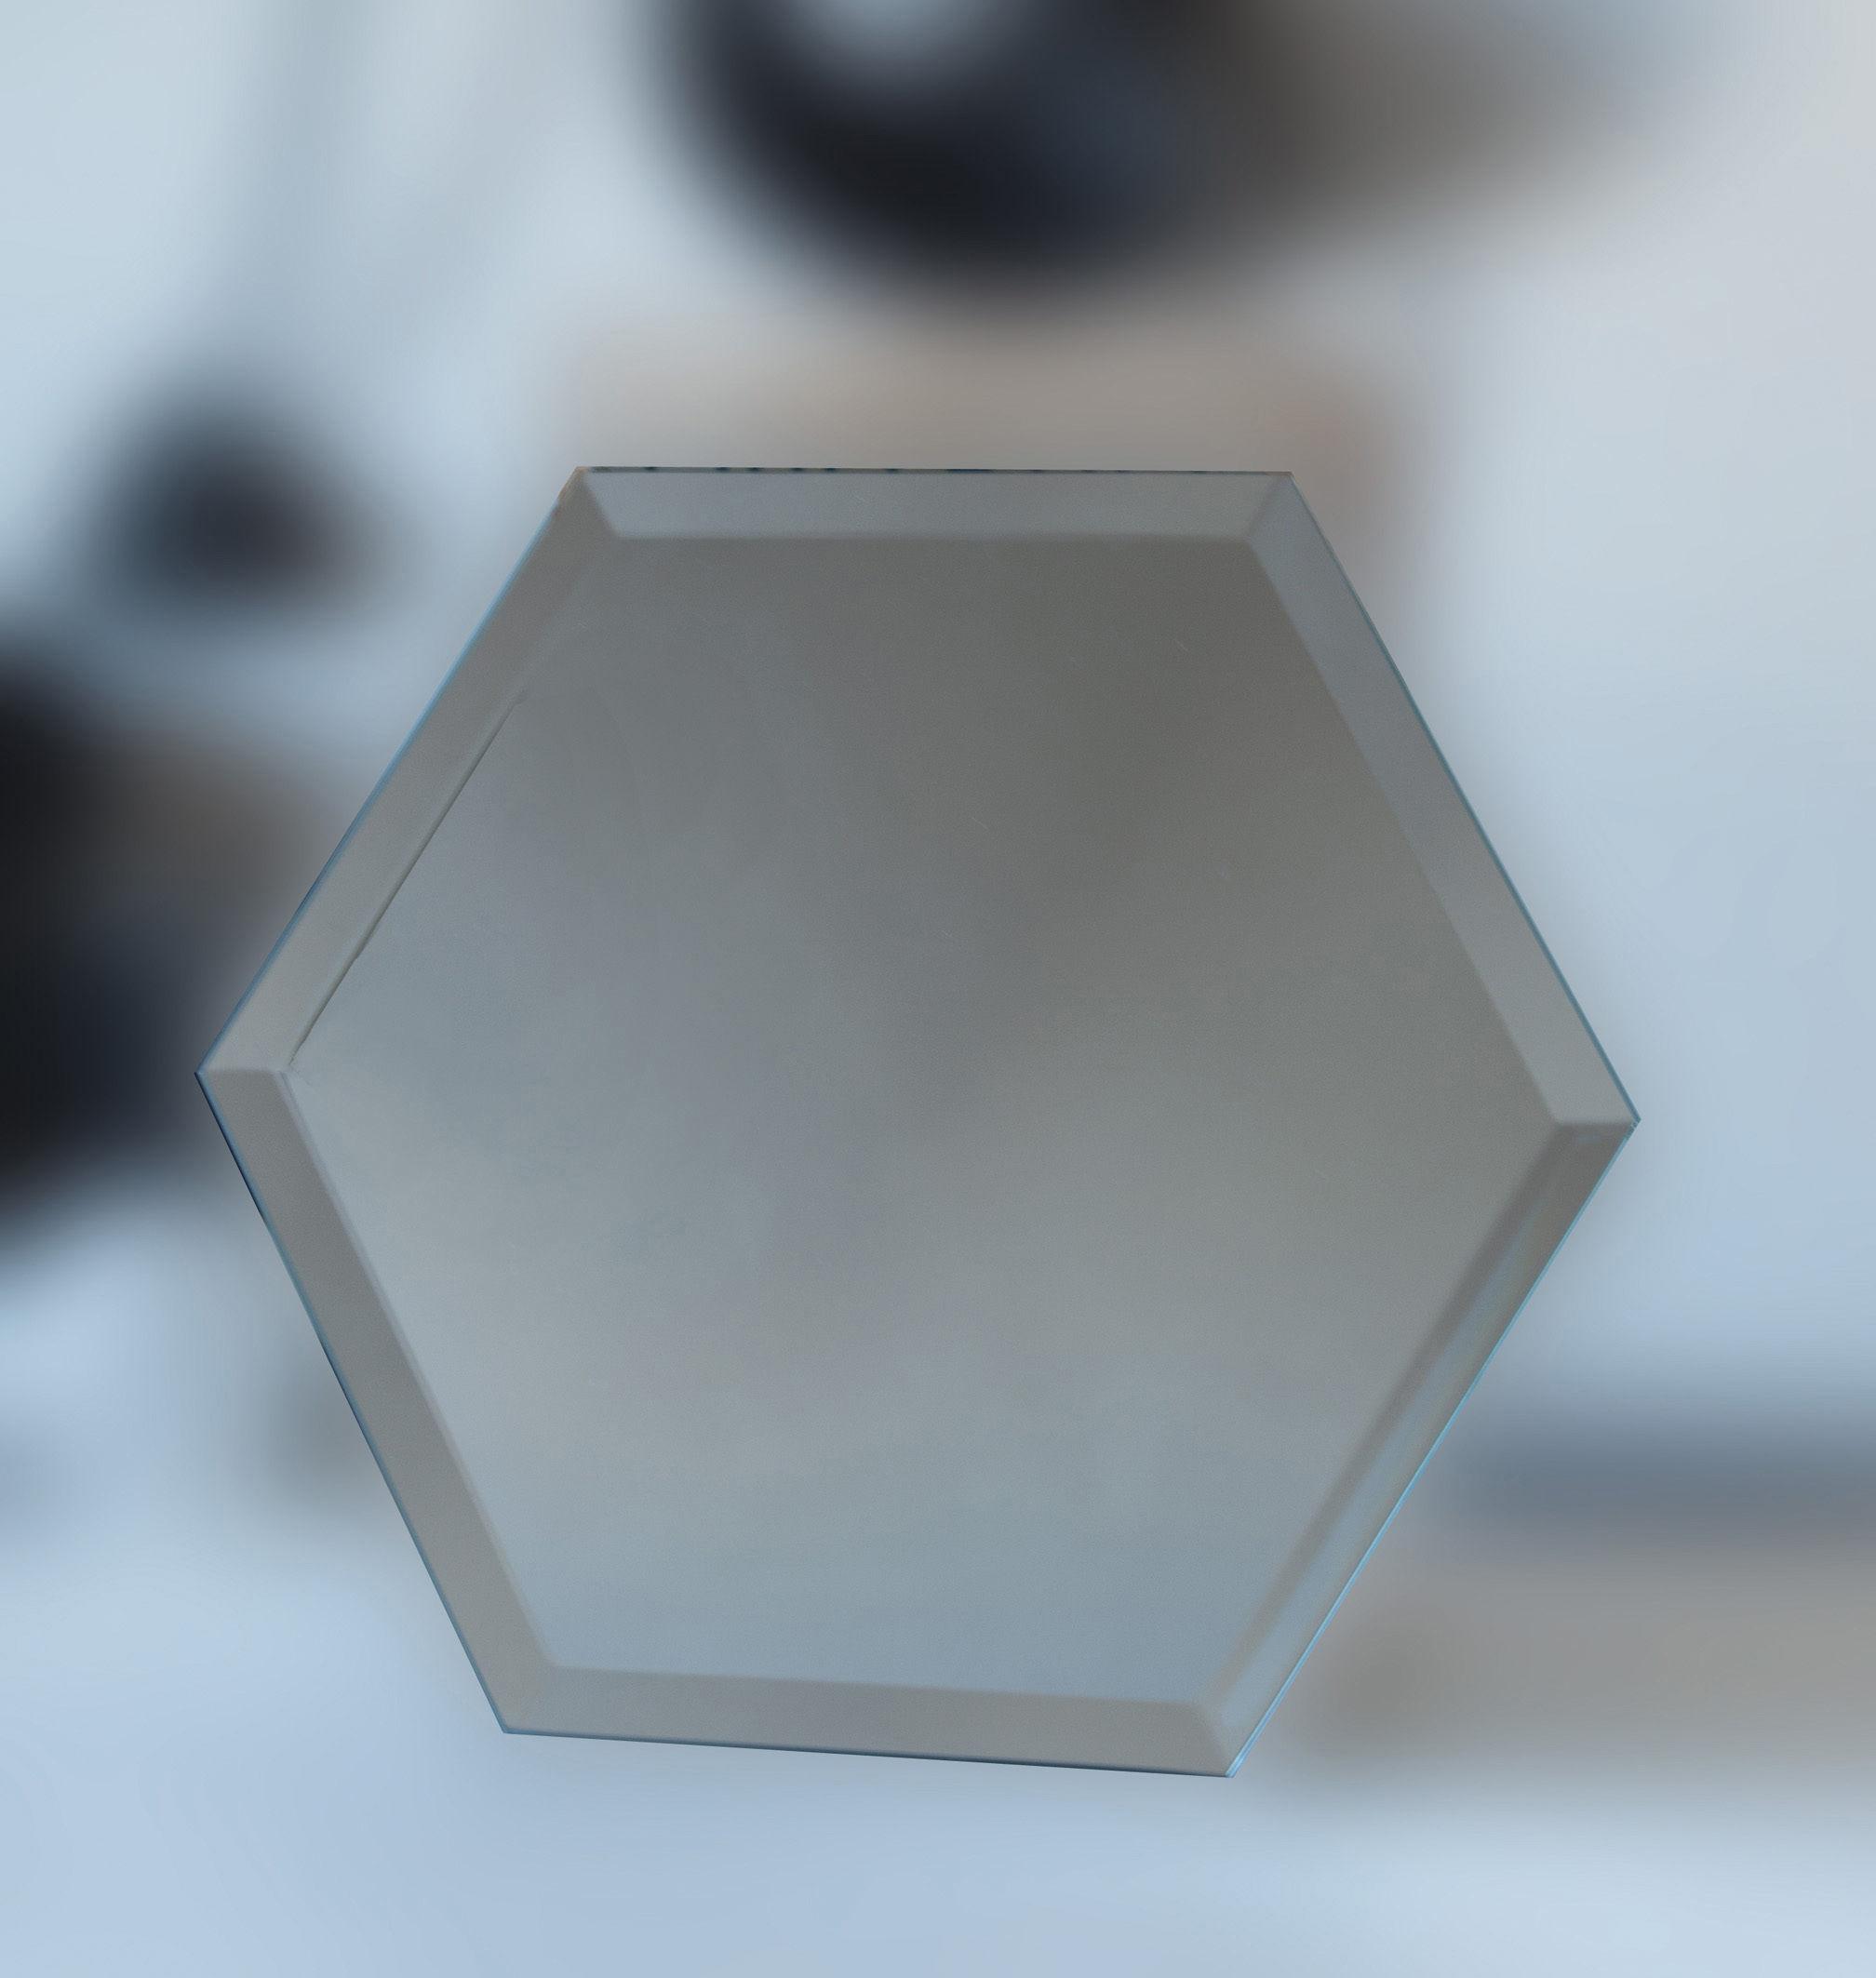 Miroir autocollant mirrorize hexagone 20x20 cm set de for Miroir autocollant